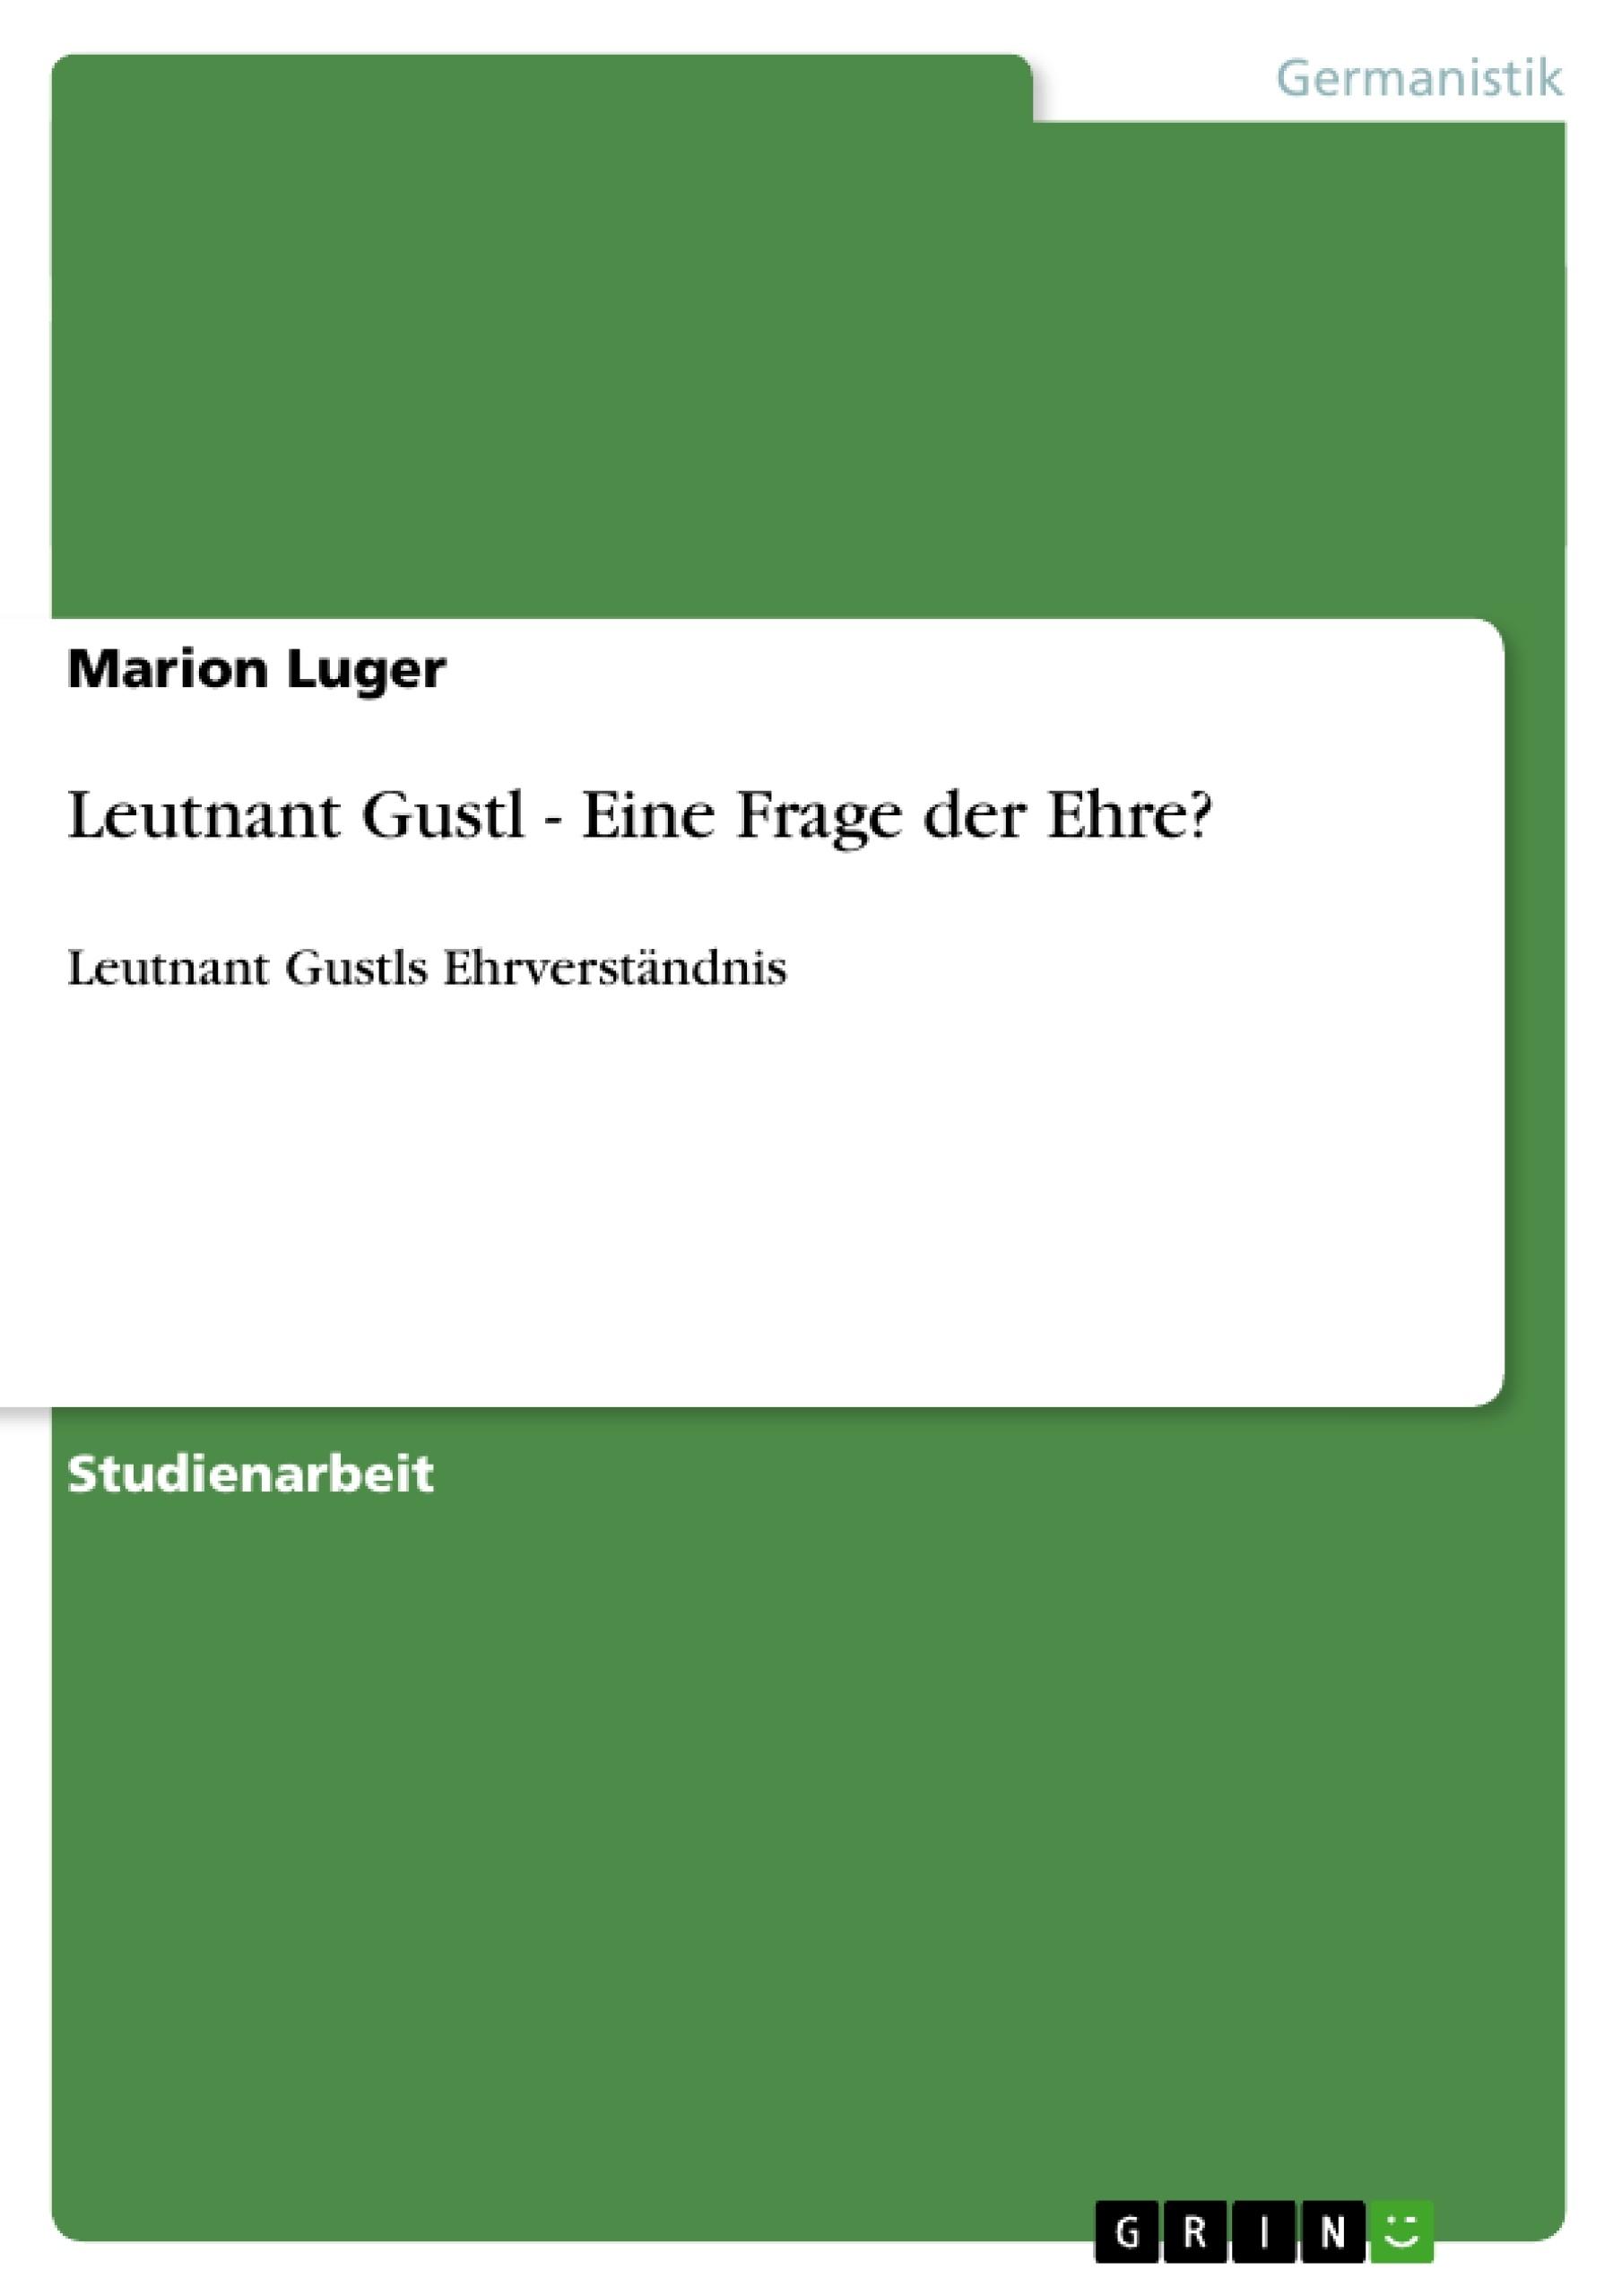 Titel: Leutnant Gustl - Eine Frage der Ehre?